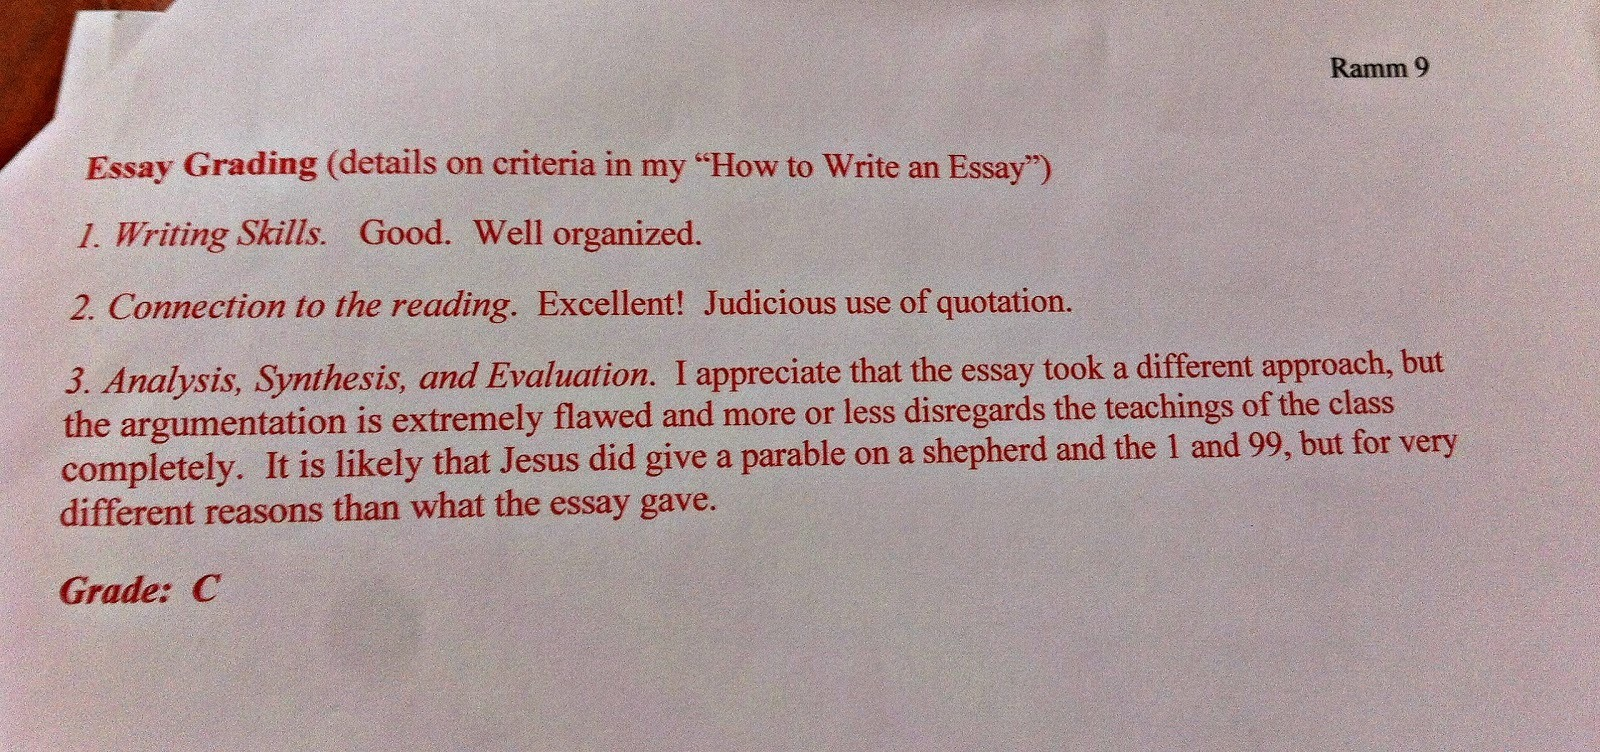 About john locke essay